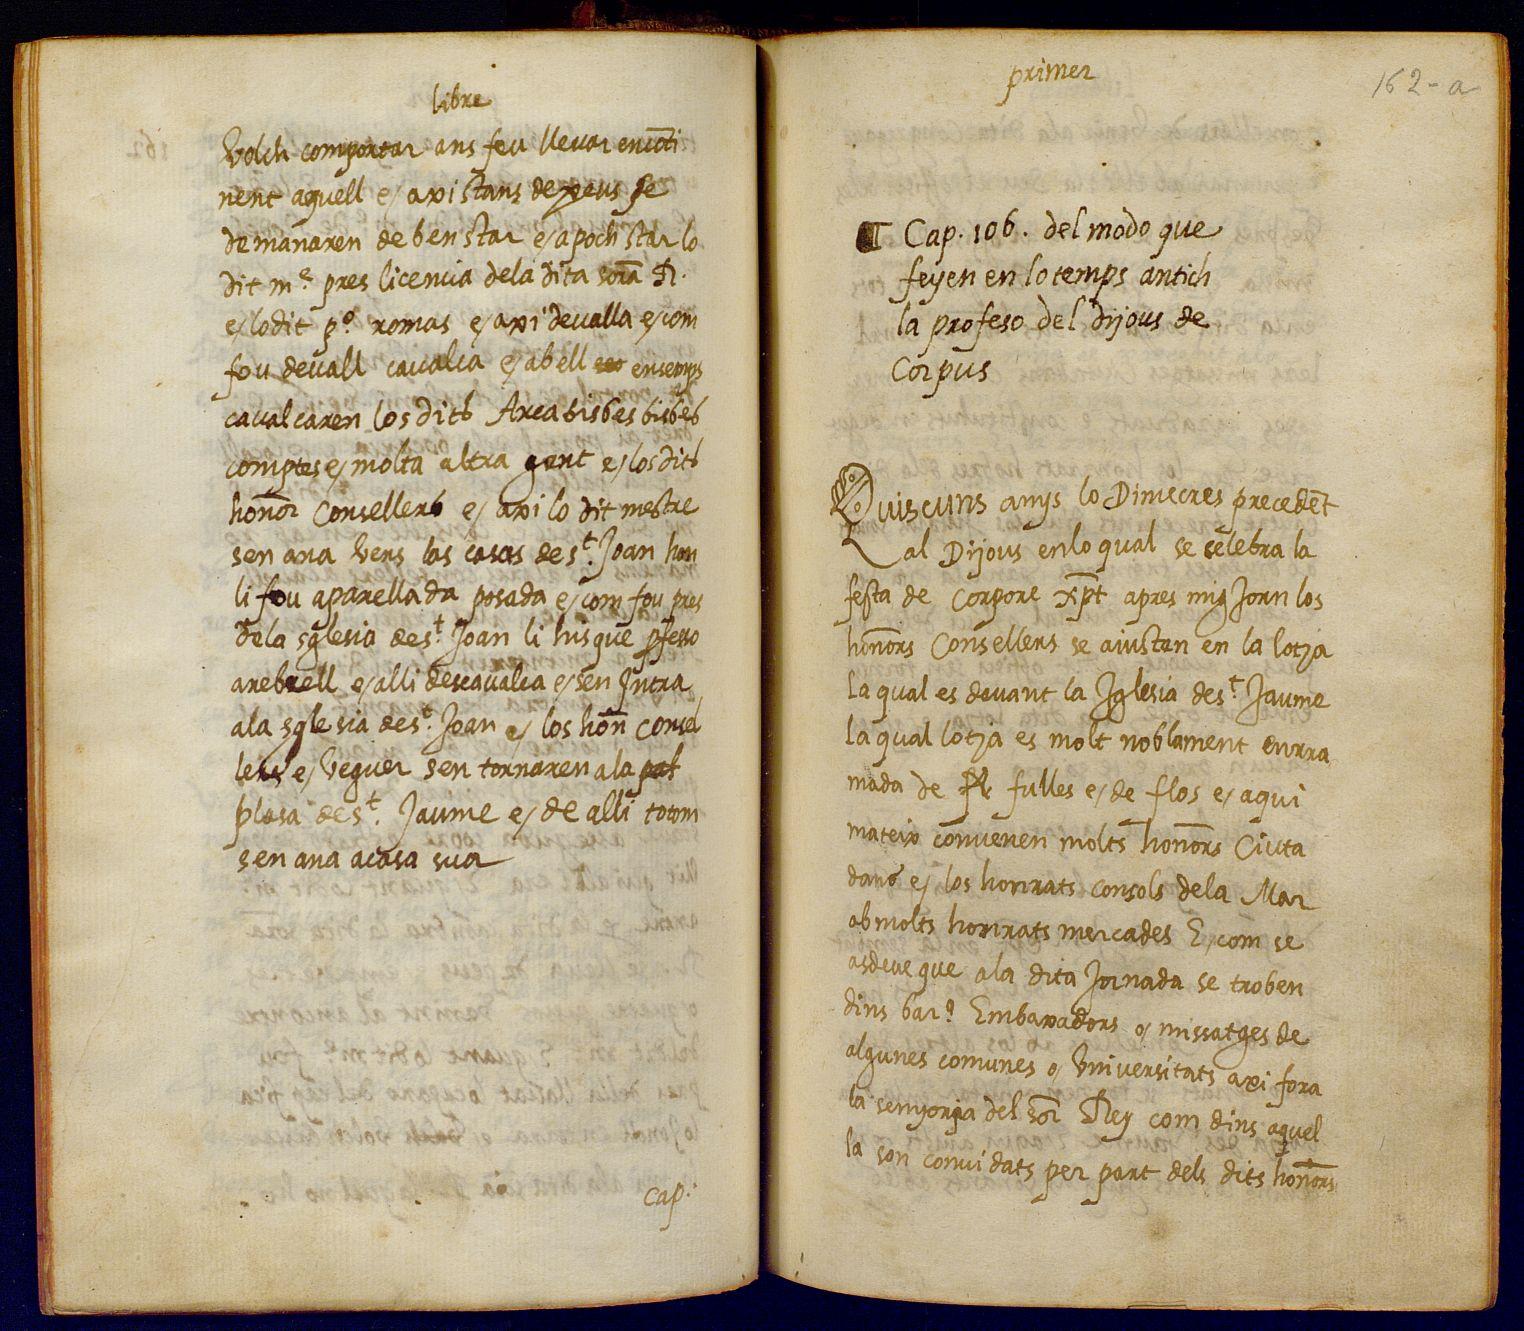 Del modo que feyen en lo temps antich la profeso del dijous de Corpus. Llibre d'algunes coses assenyalades. 1583 Cap. 106 fol. 162-a. AHCB AHCB G1/1C